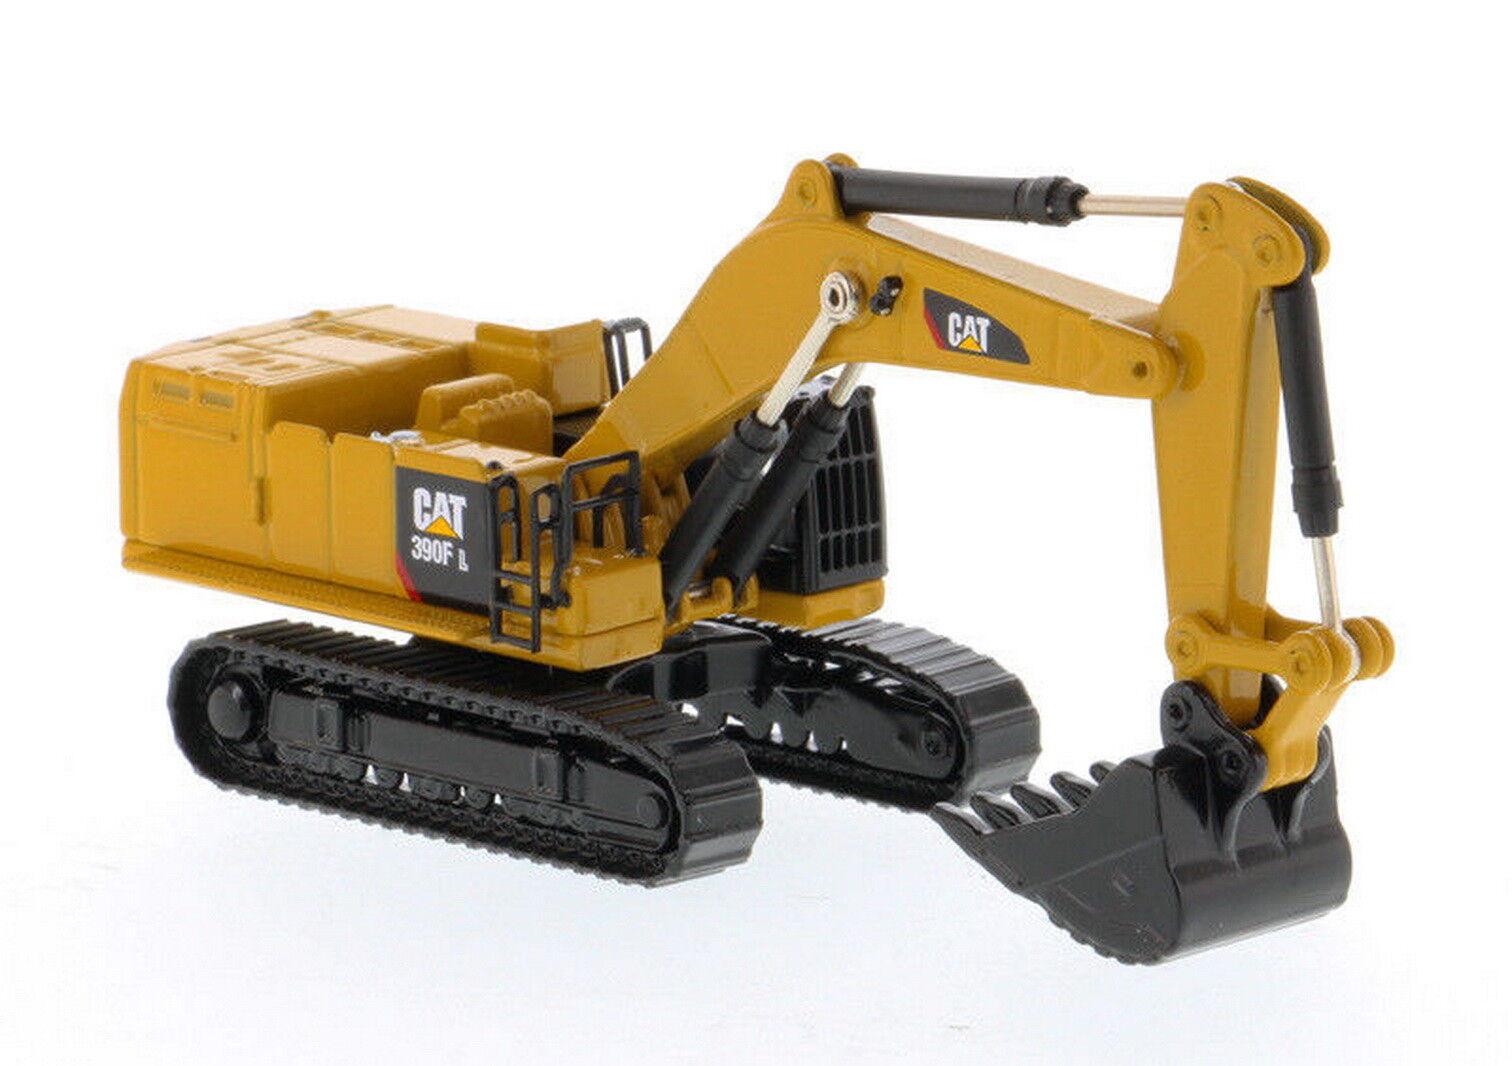 1 125 DM Caterpillar Cat 390F L Hydraulic Excavator Elite Diecast  85537